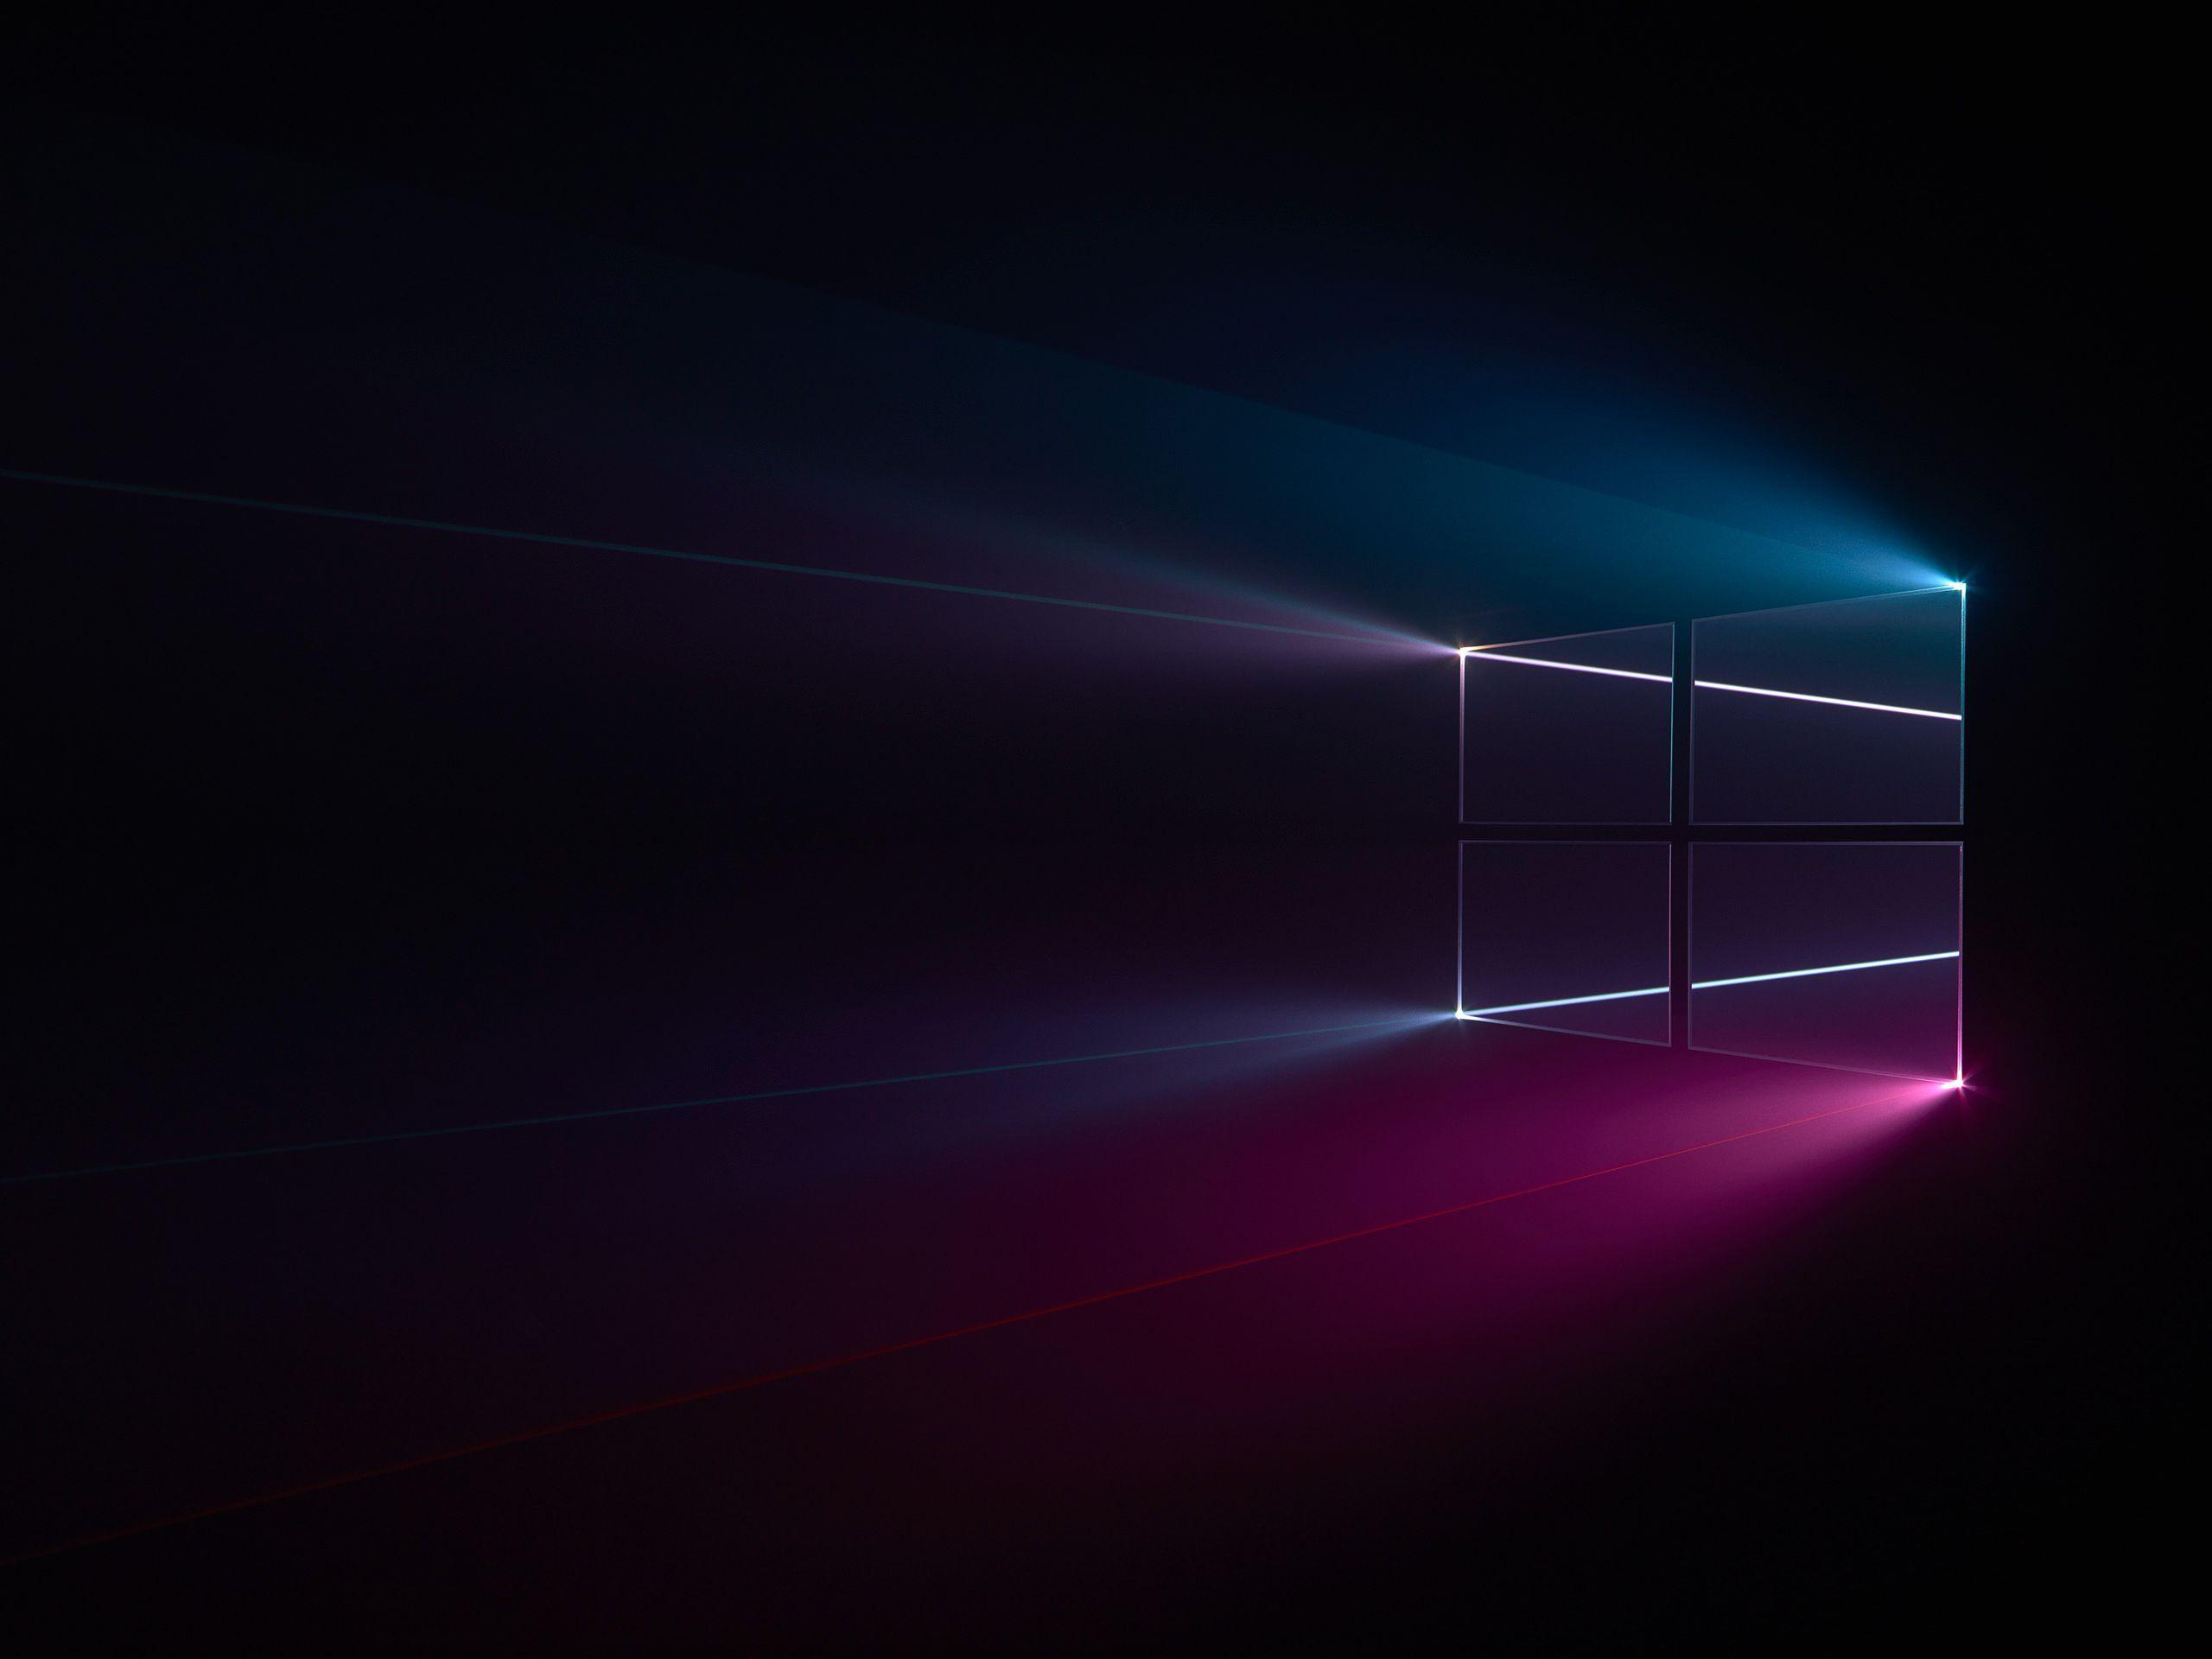 Dark Windows Wallpapers Top Free Dark Windows Backgrounds